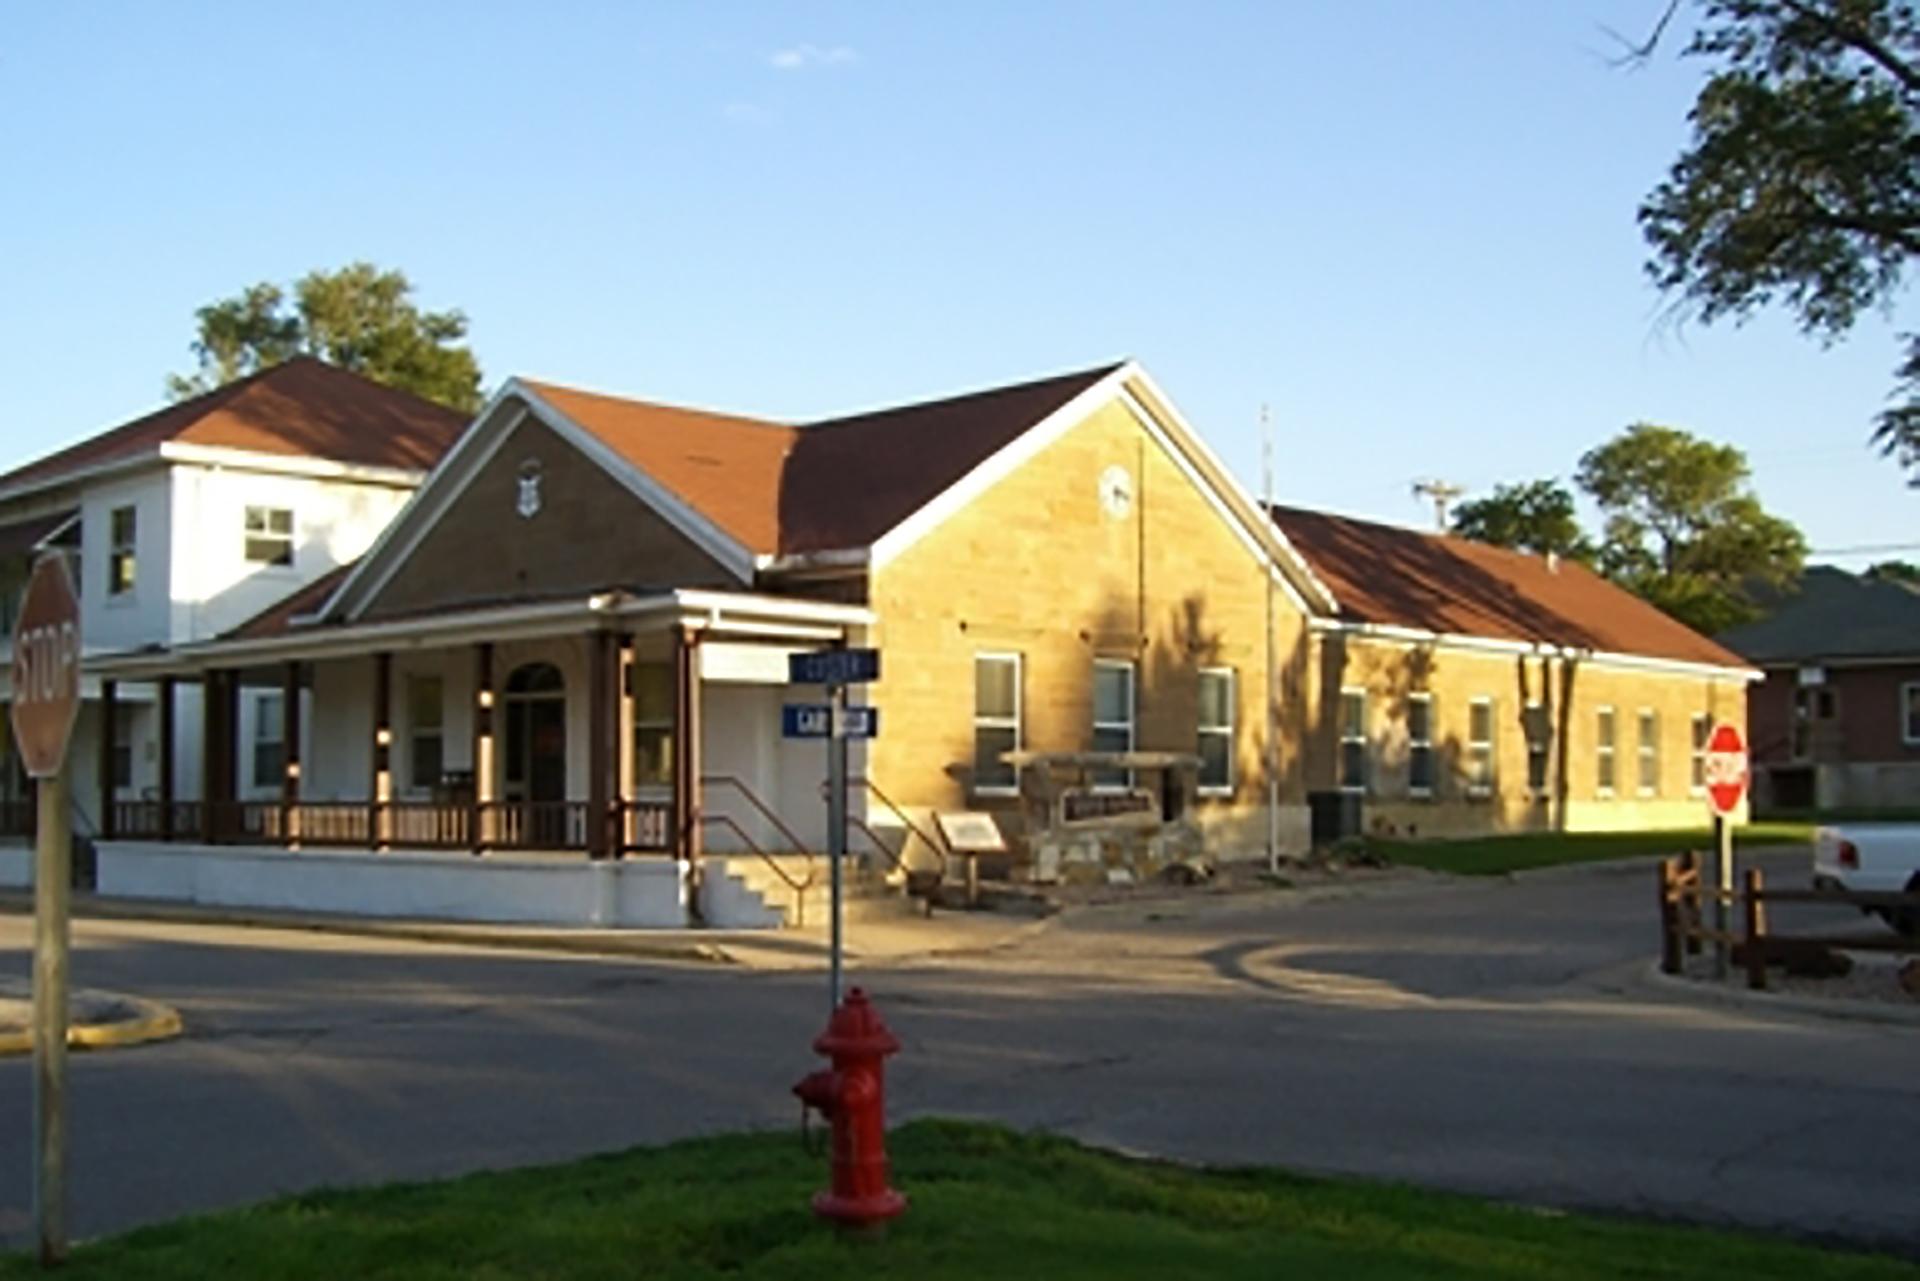 Kansas earmarking $10.5 million for NE Kansas nursing home for veterans